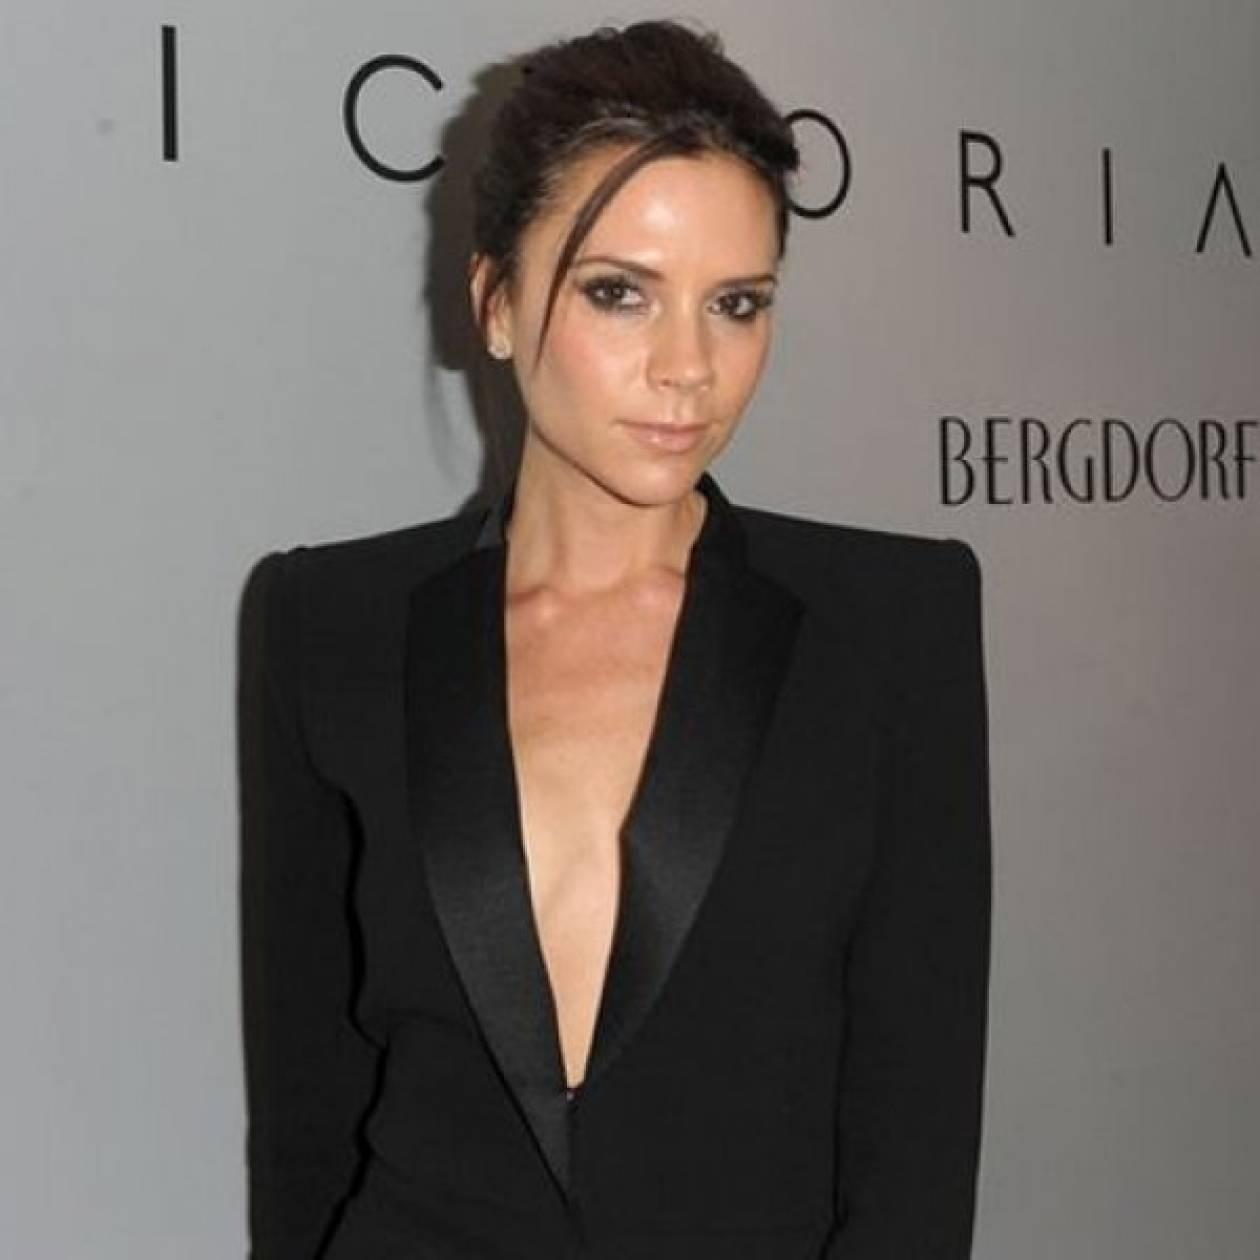 Η Victoria Beckham παραδέχεται πως αφαίρεσε τα ενθέματα σιλικόνης